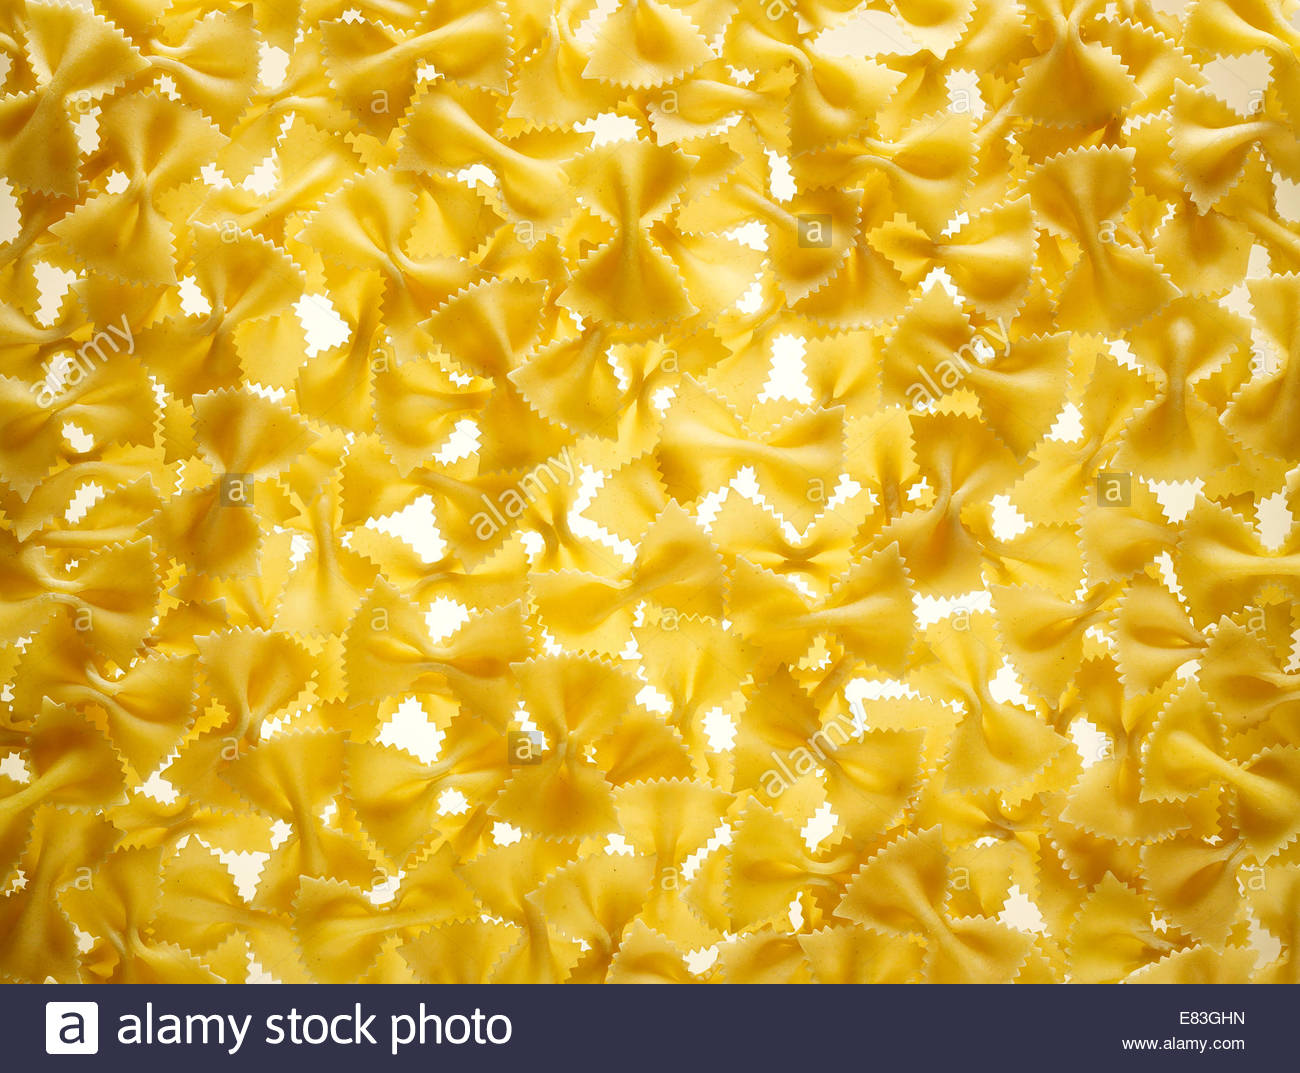 Ungekocht Fliege oder Farfalle Pasta als Textur-Hintergrund Stockbild